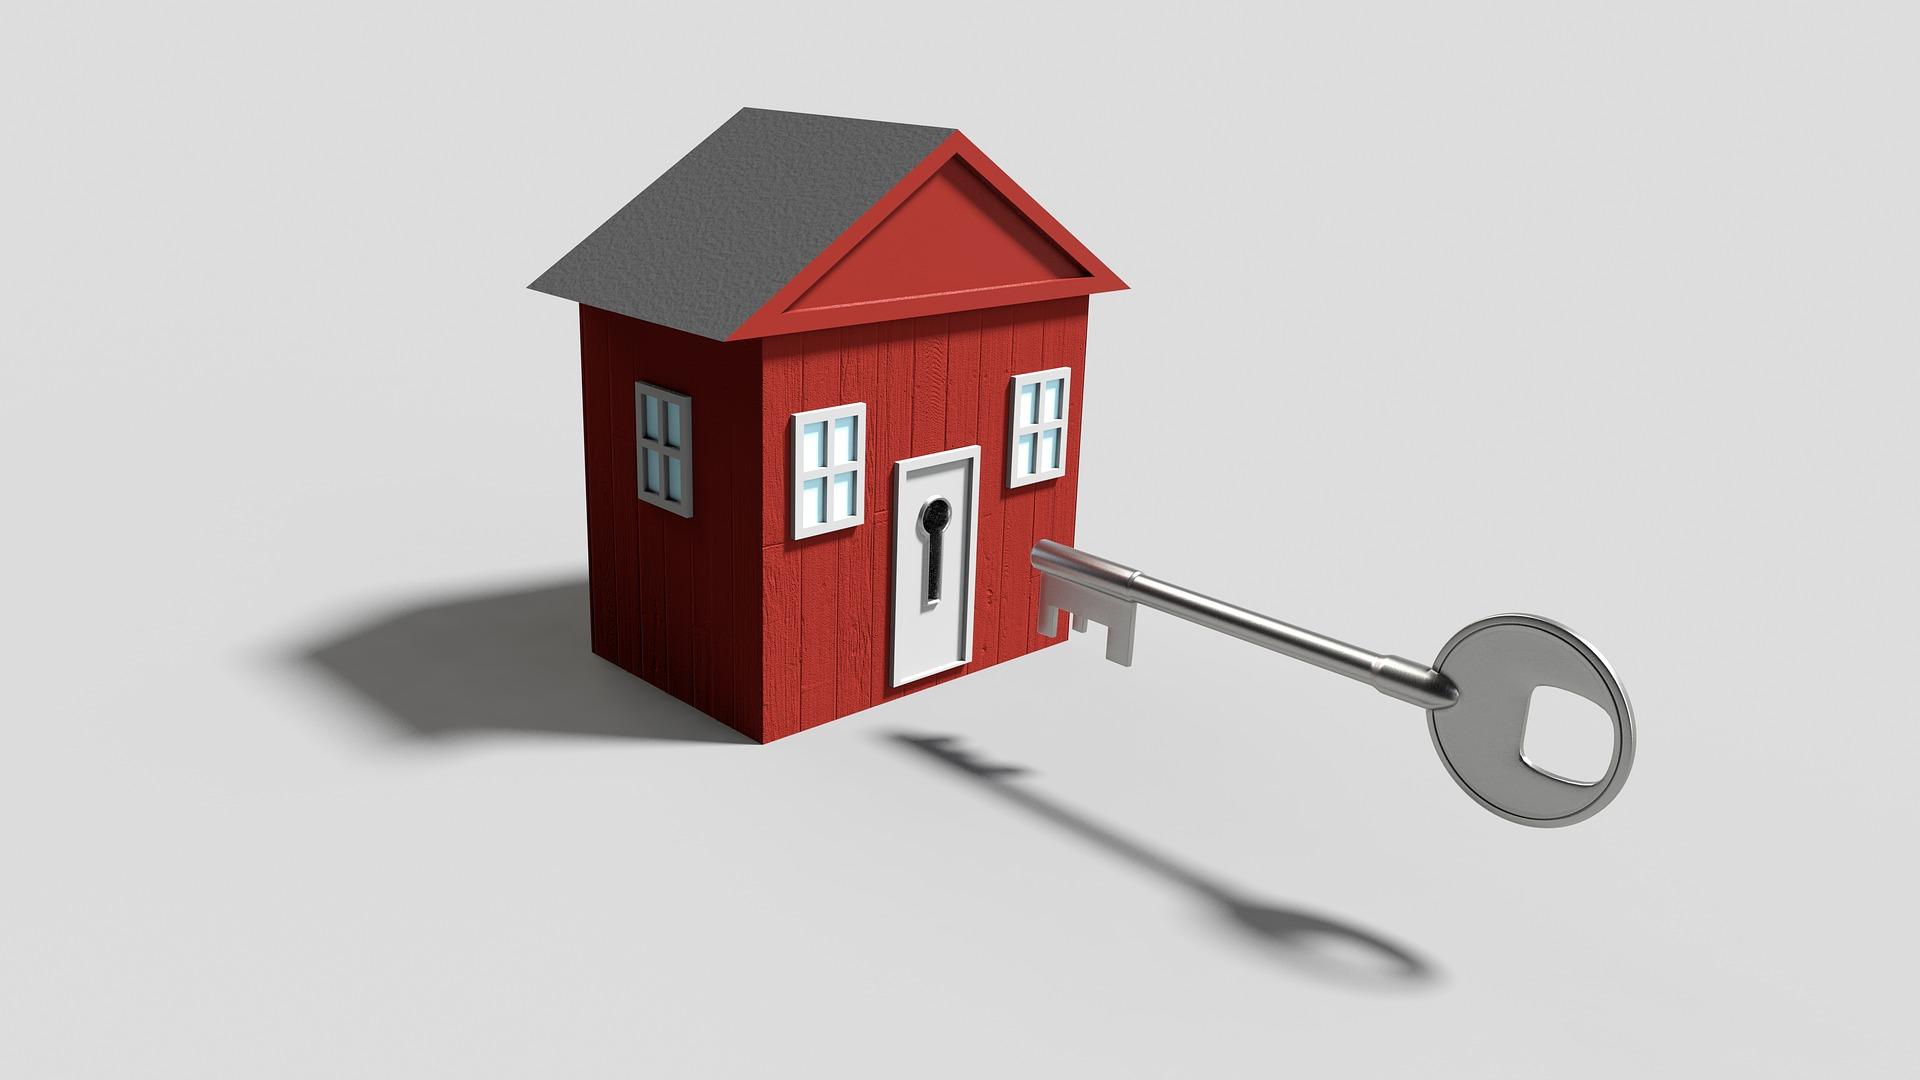 テナント事務所や賃貸住宅の契約時に必要な保険とは